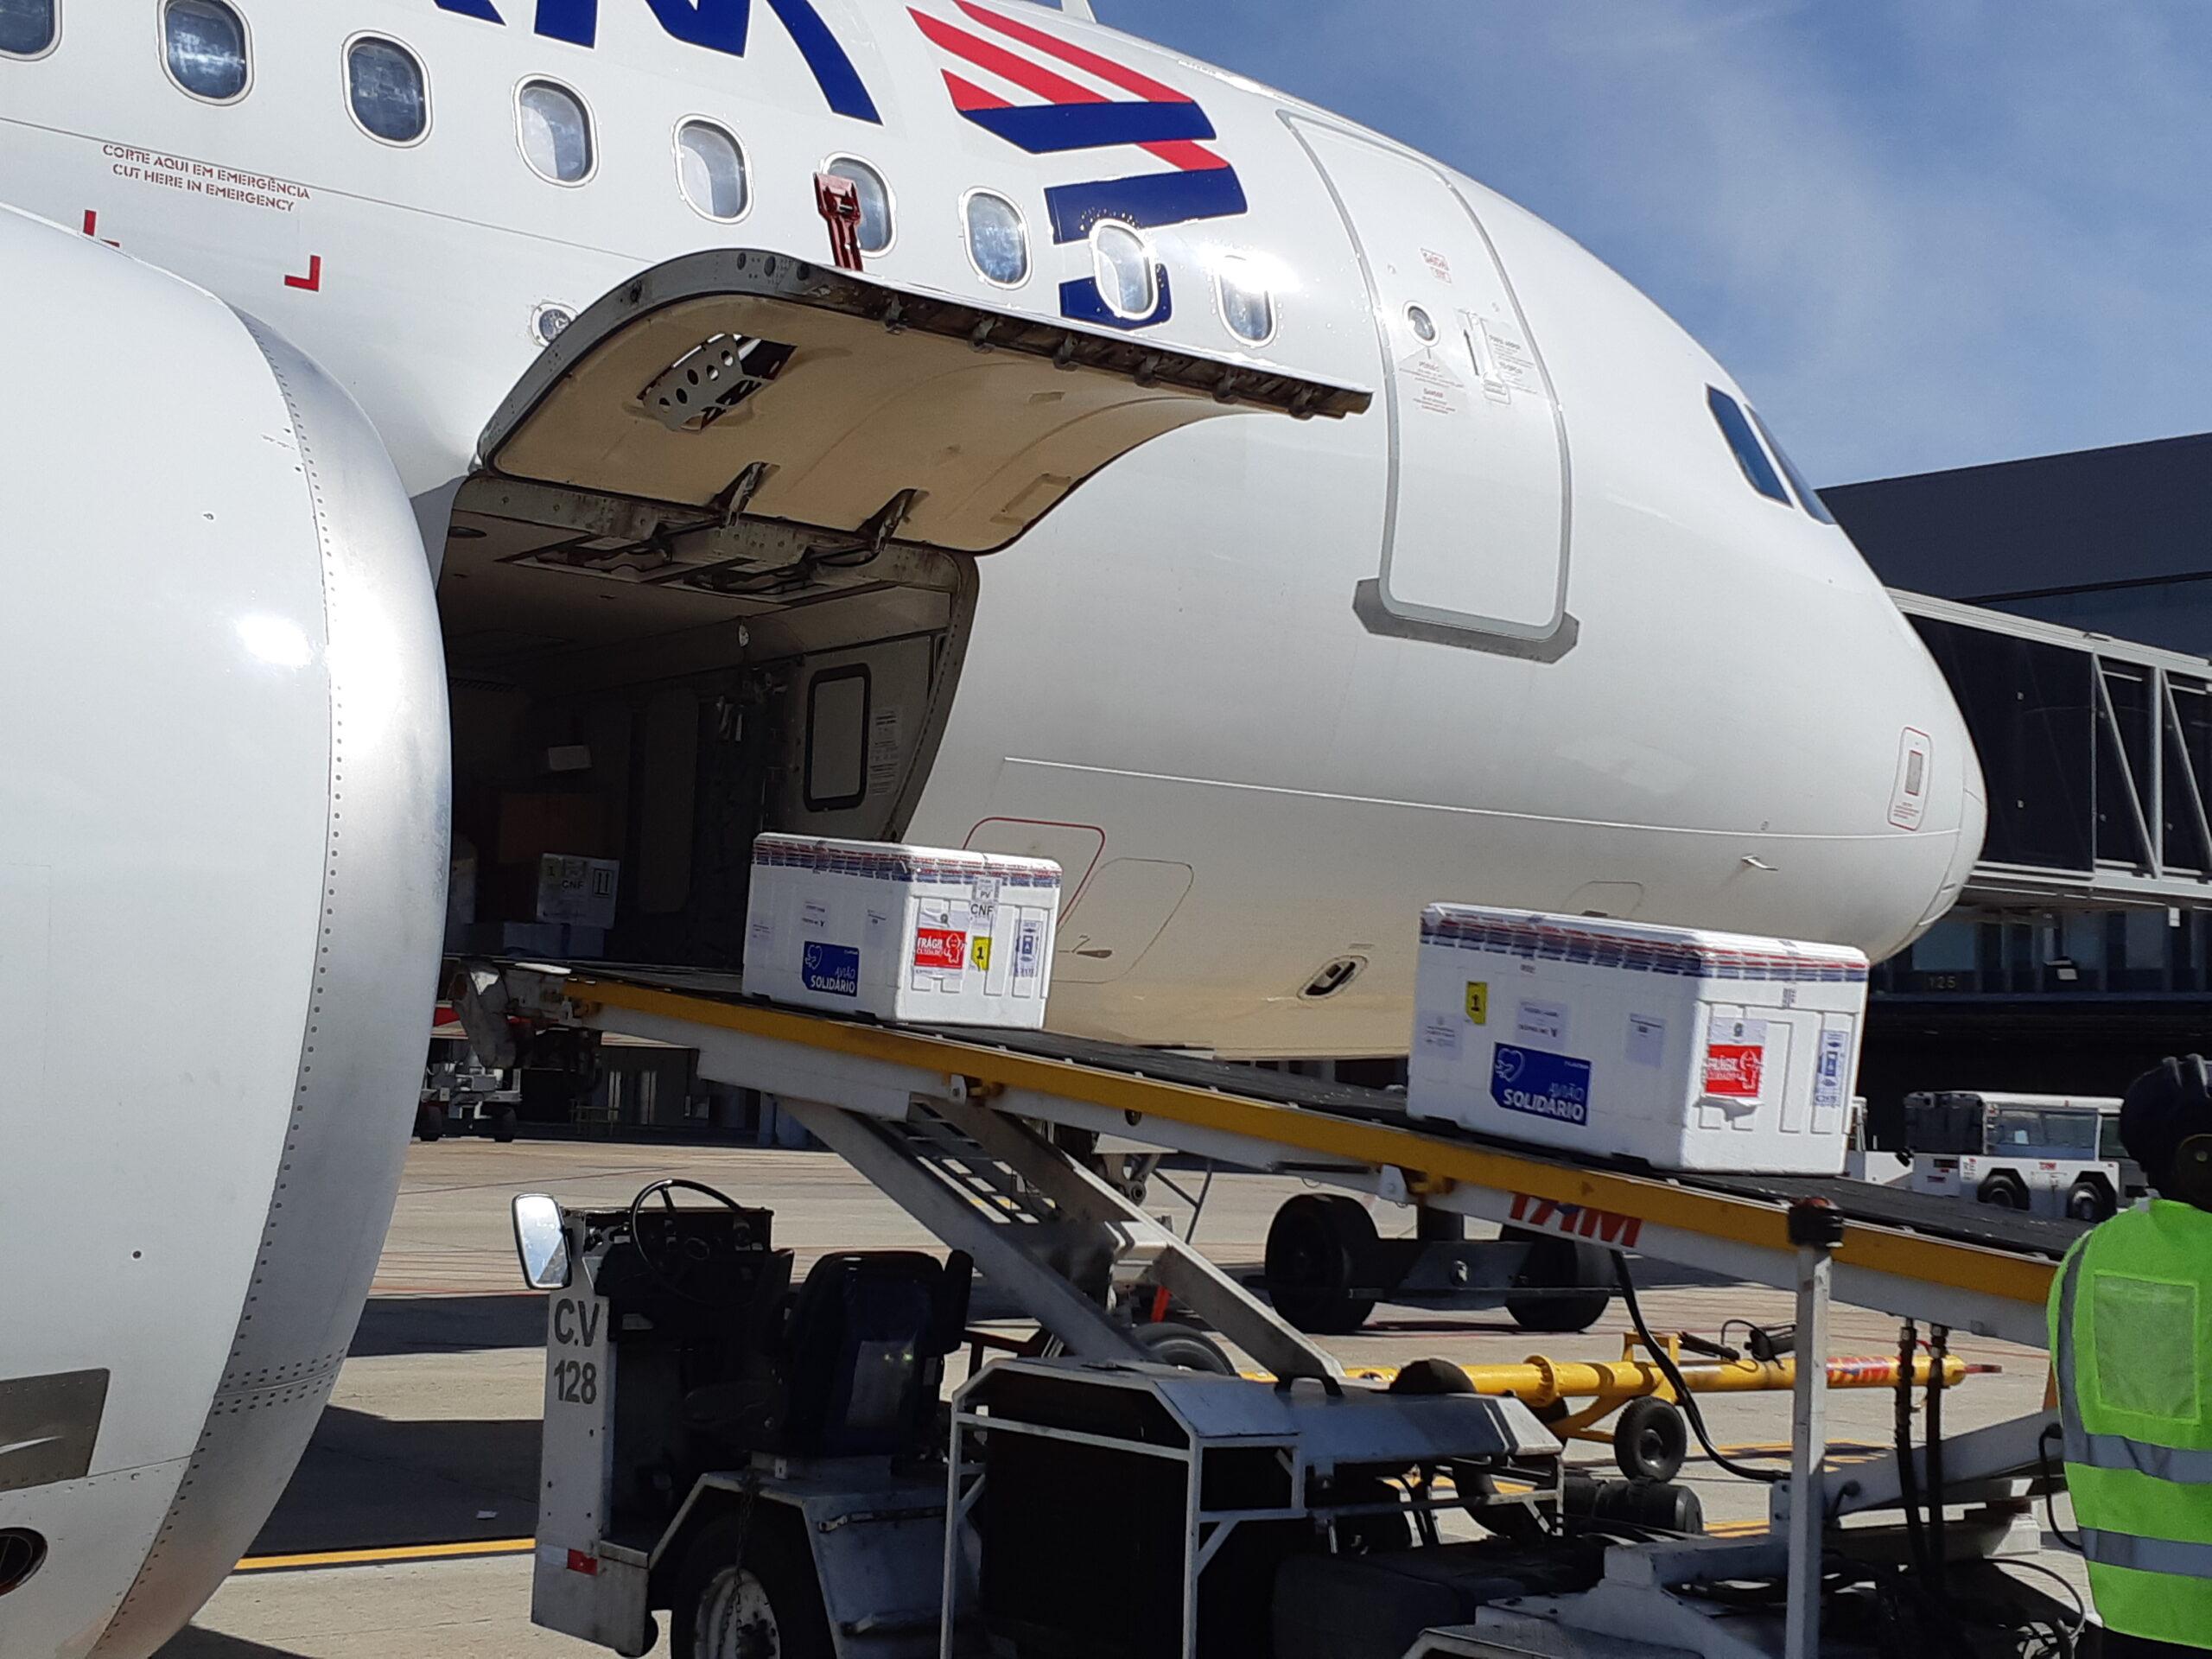 Aeroporto Internacional de BH recebe mais 285 mil doses de vacinas contra a Covid-19 - Foto: Divulgação/BH Airport